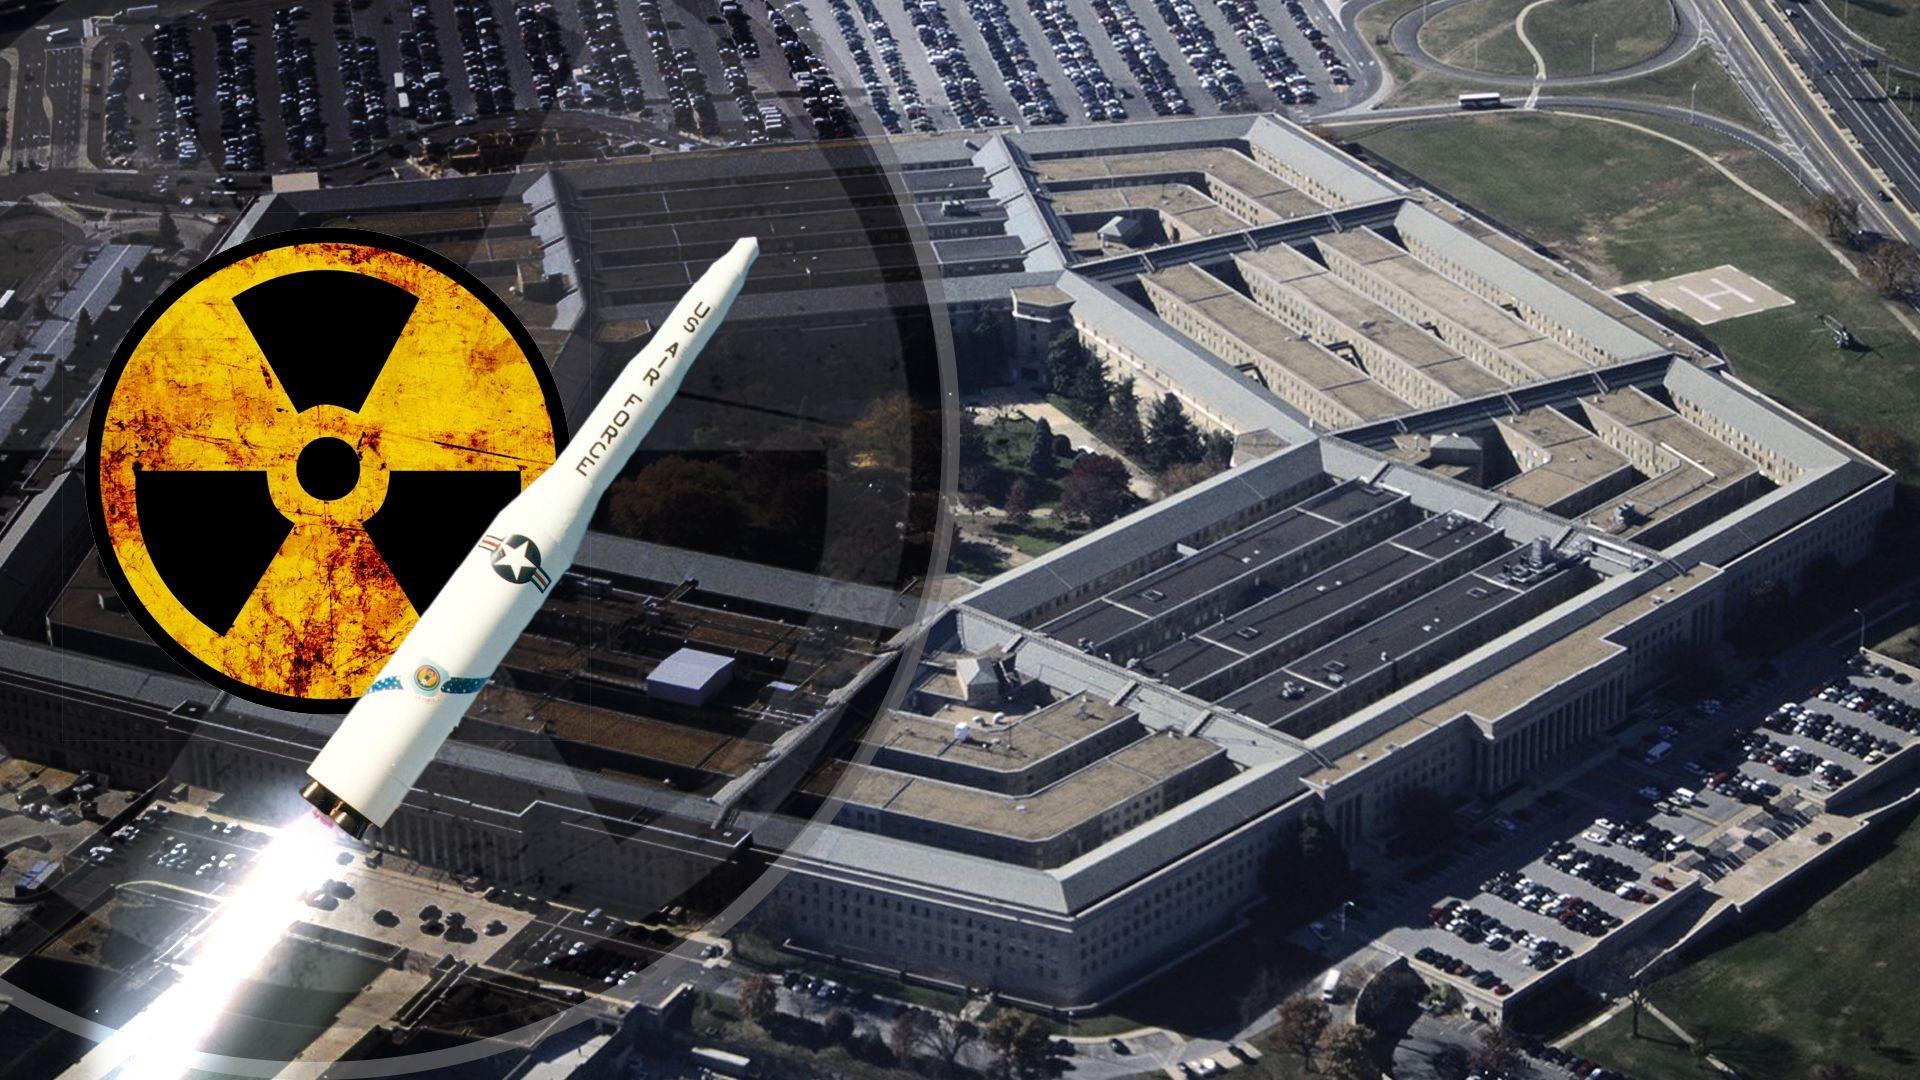 واشنطن تستعد لحرب نووية محدودة